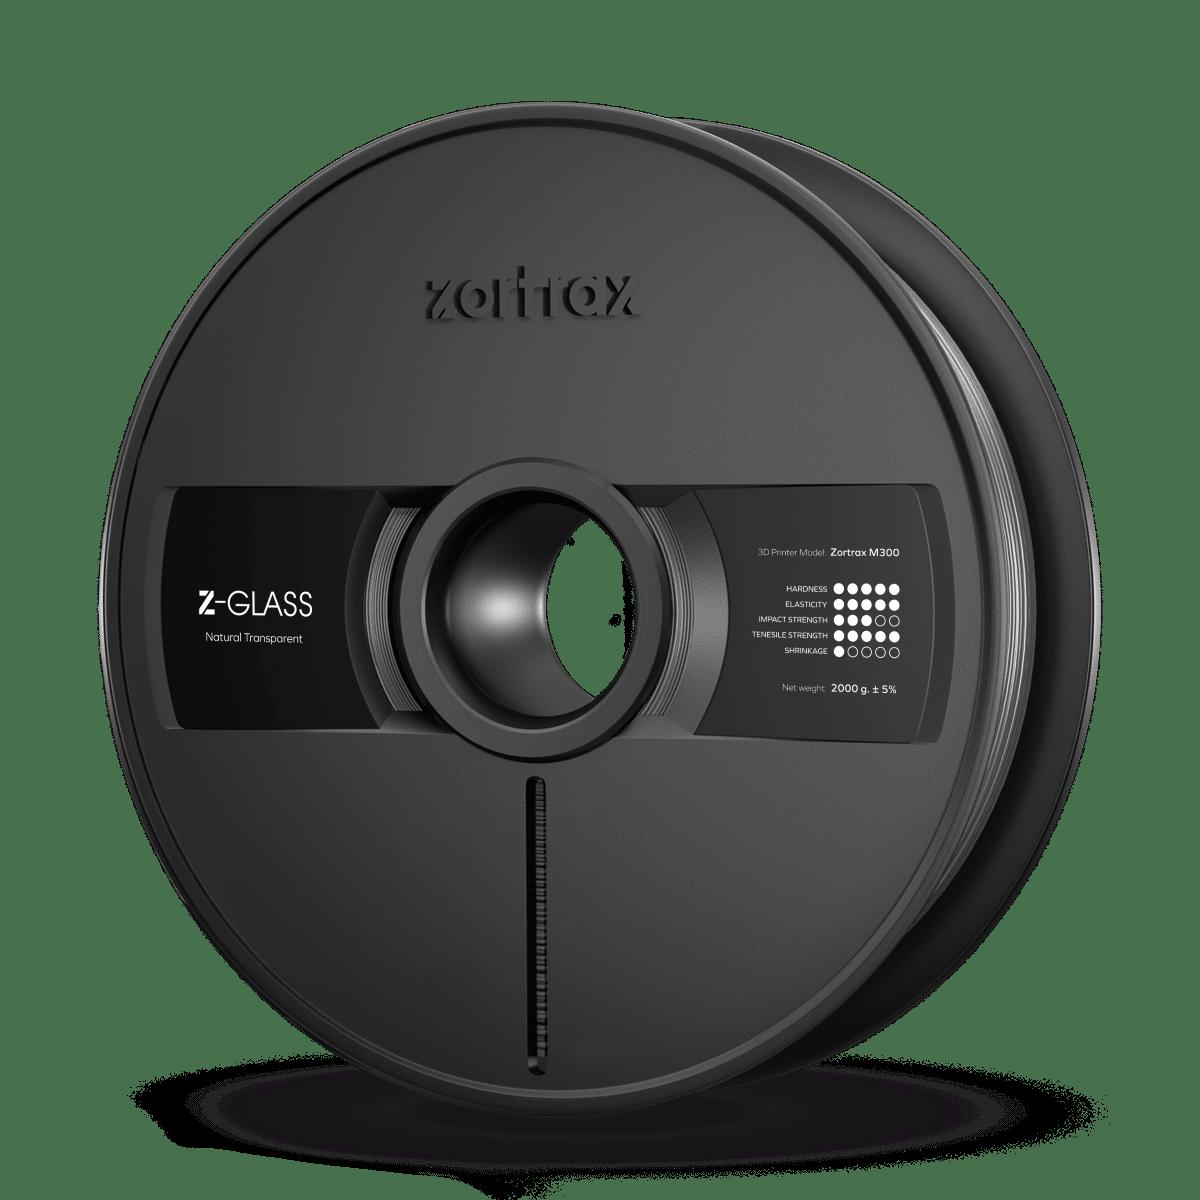 Billede af Zortrax Z-GLASS - M300 - 1.75 mm - 2 kg - Clear